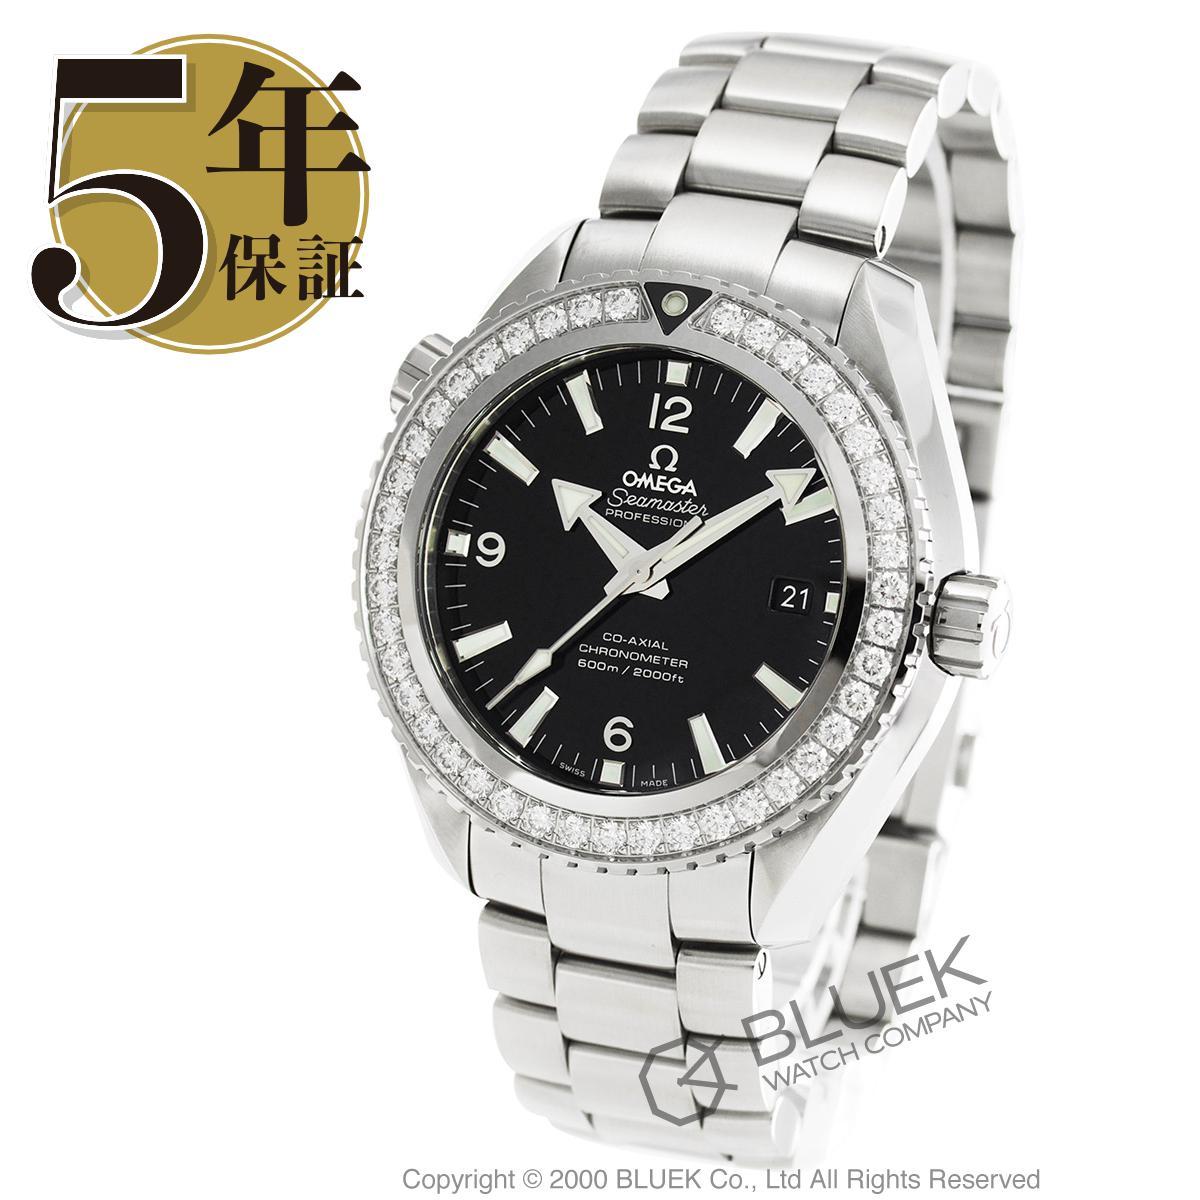 オメガ シーマスター プラネットオーシャン 600m防水 ダイヤ 腕時計 メンズ OMEGA 232.15.46.21.01.001_5